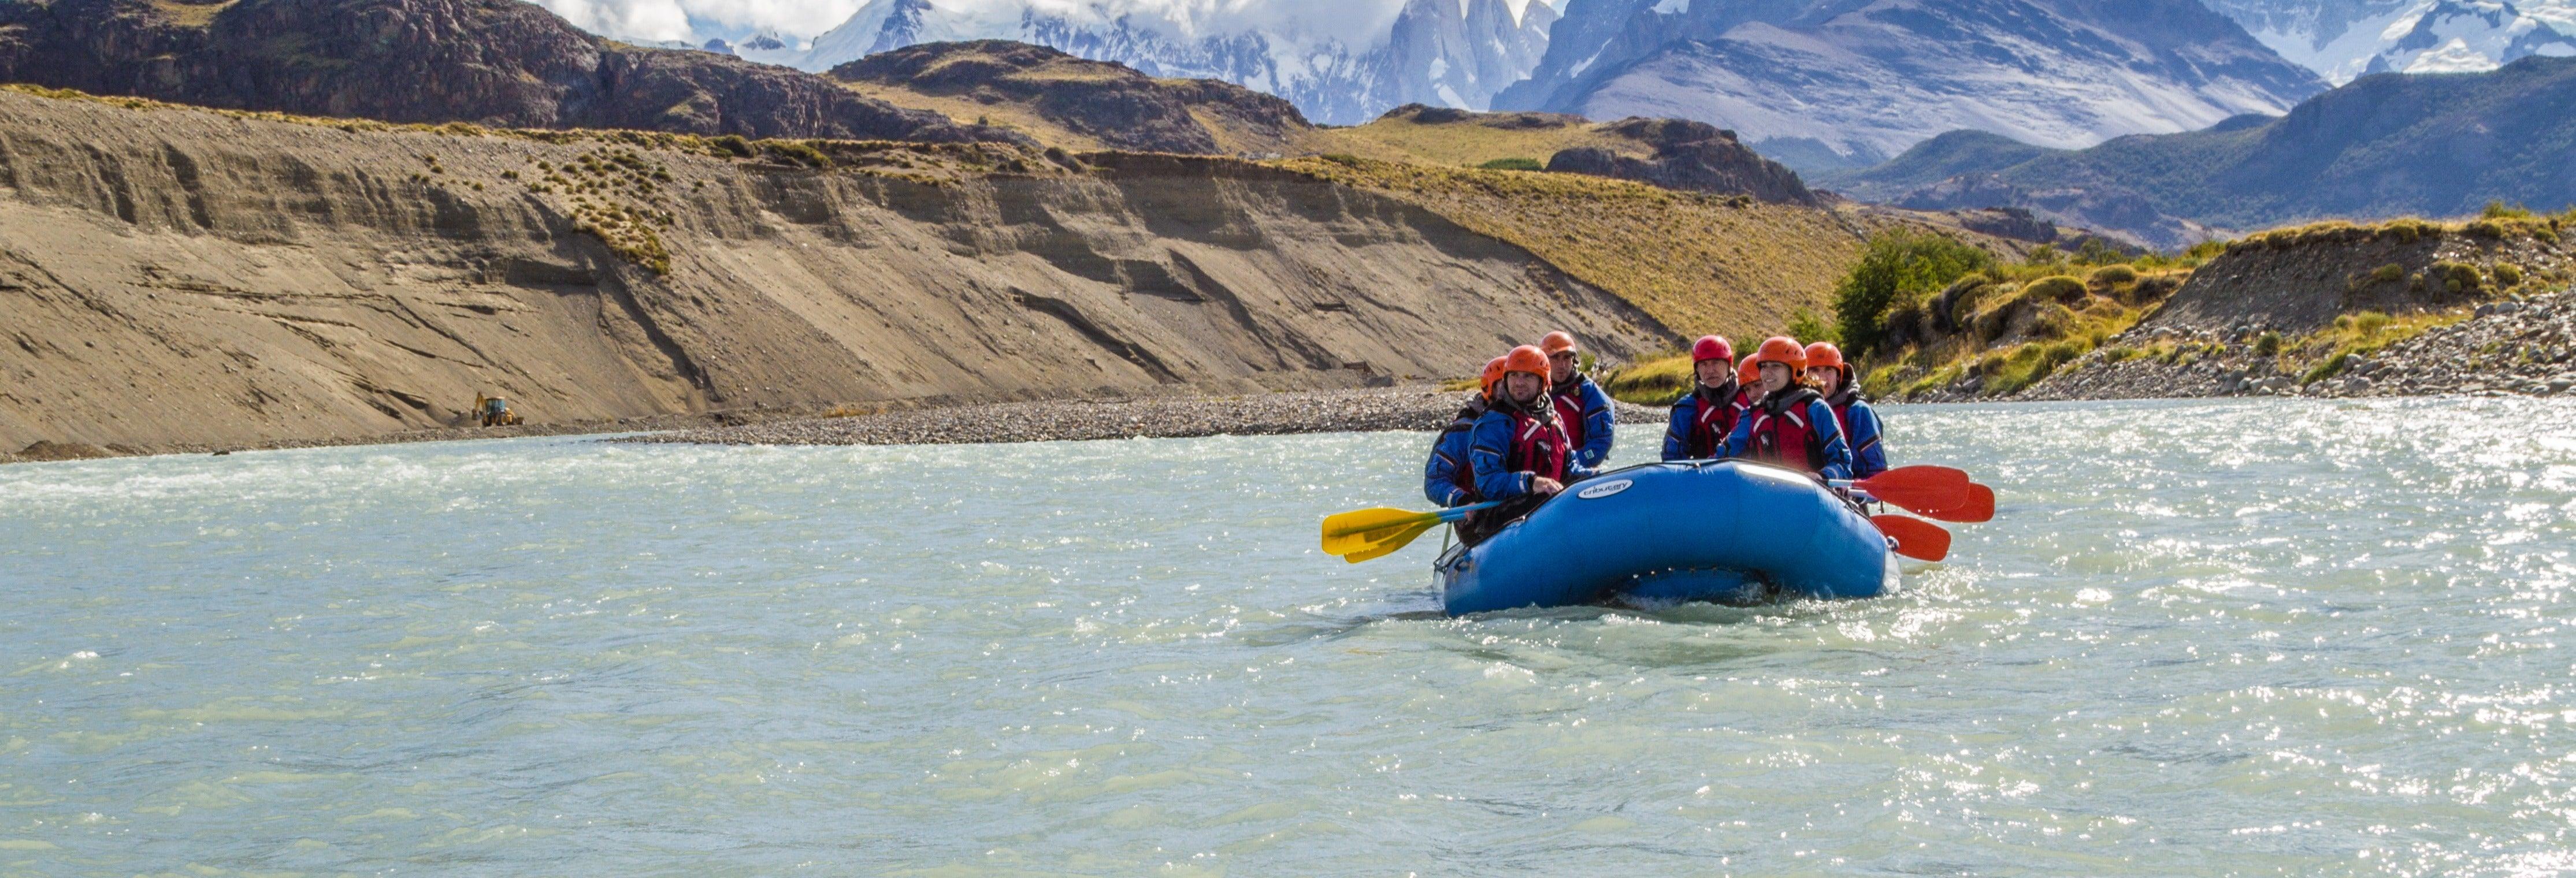 Rafting dans la rivière las Vueltas